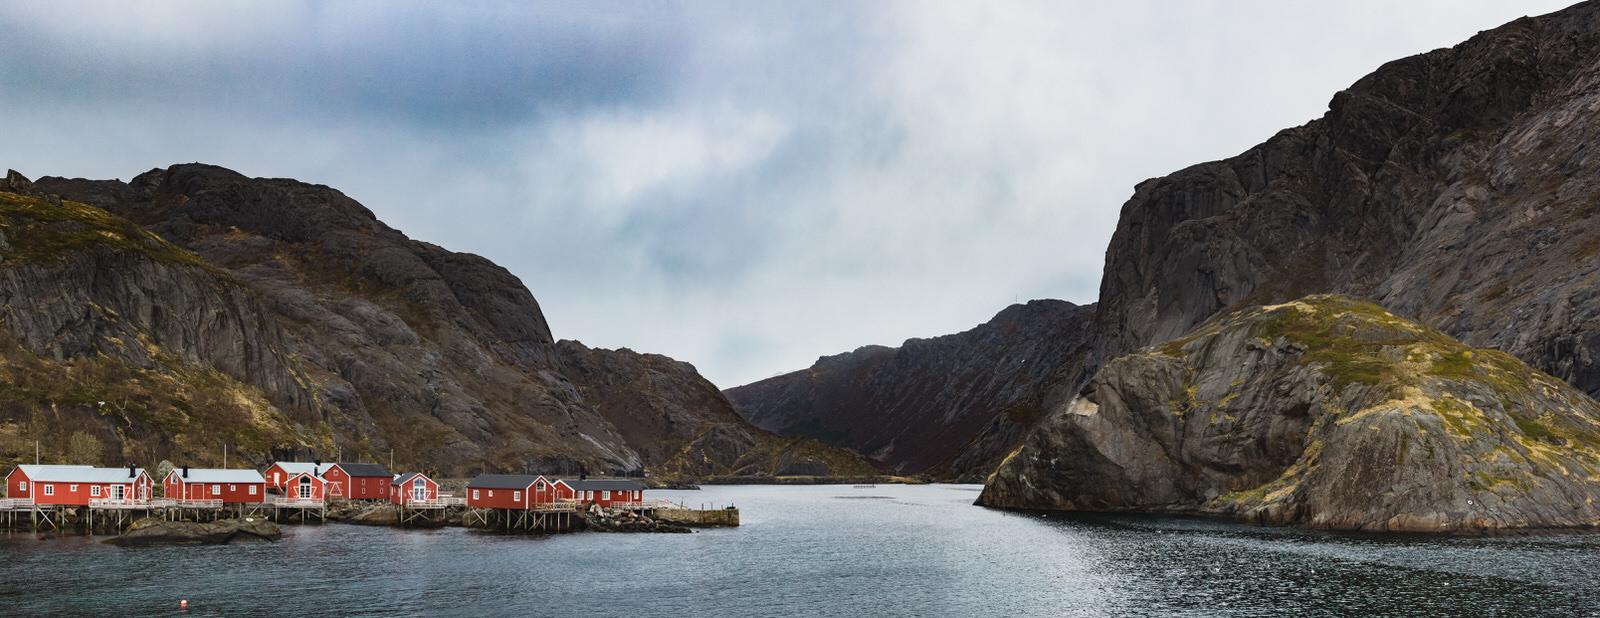 Nusfjord - Norvegia 2016...